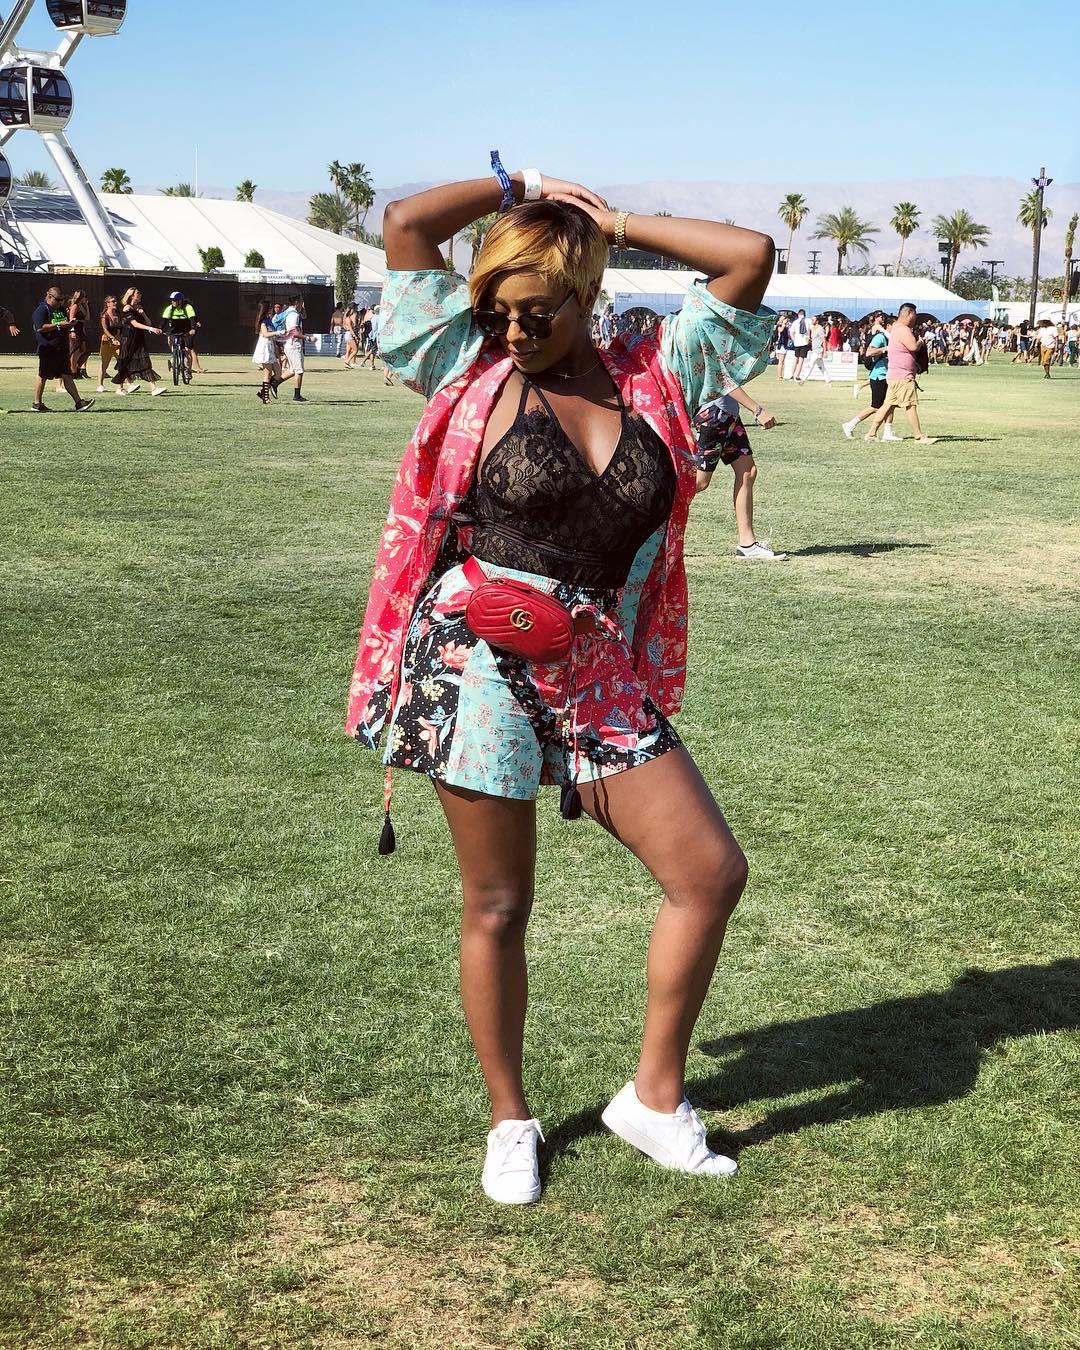 DJ Cuppy & Asa Asika take Coachella! 💕